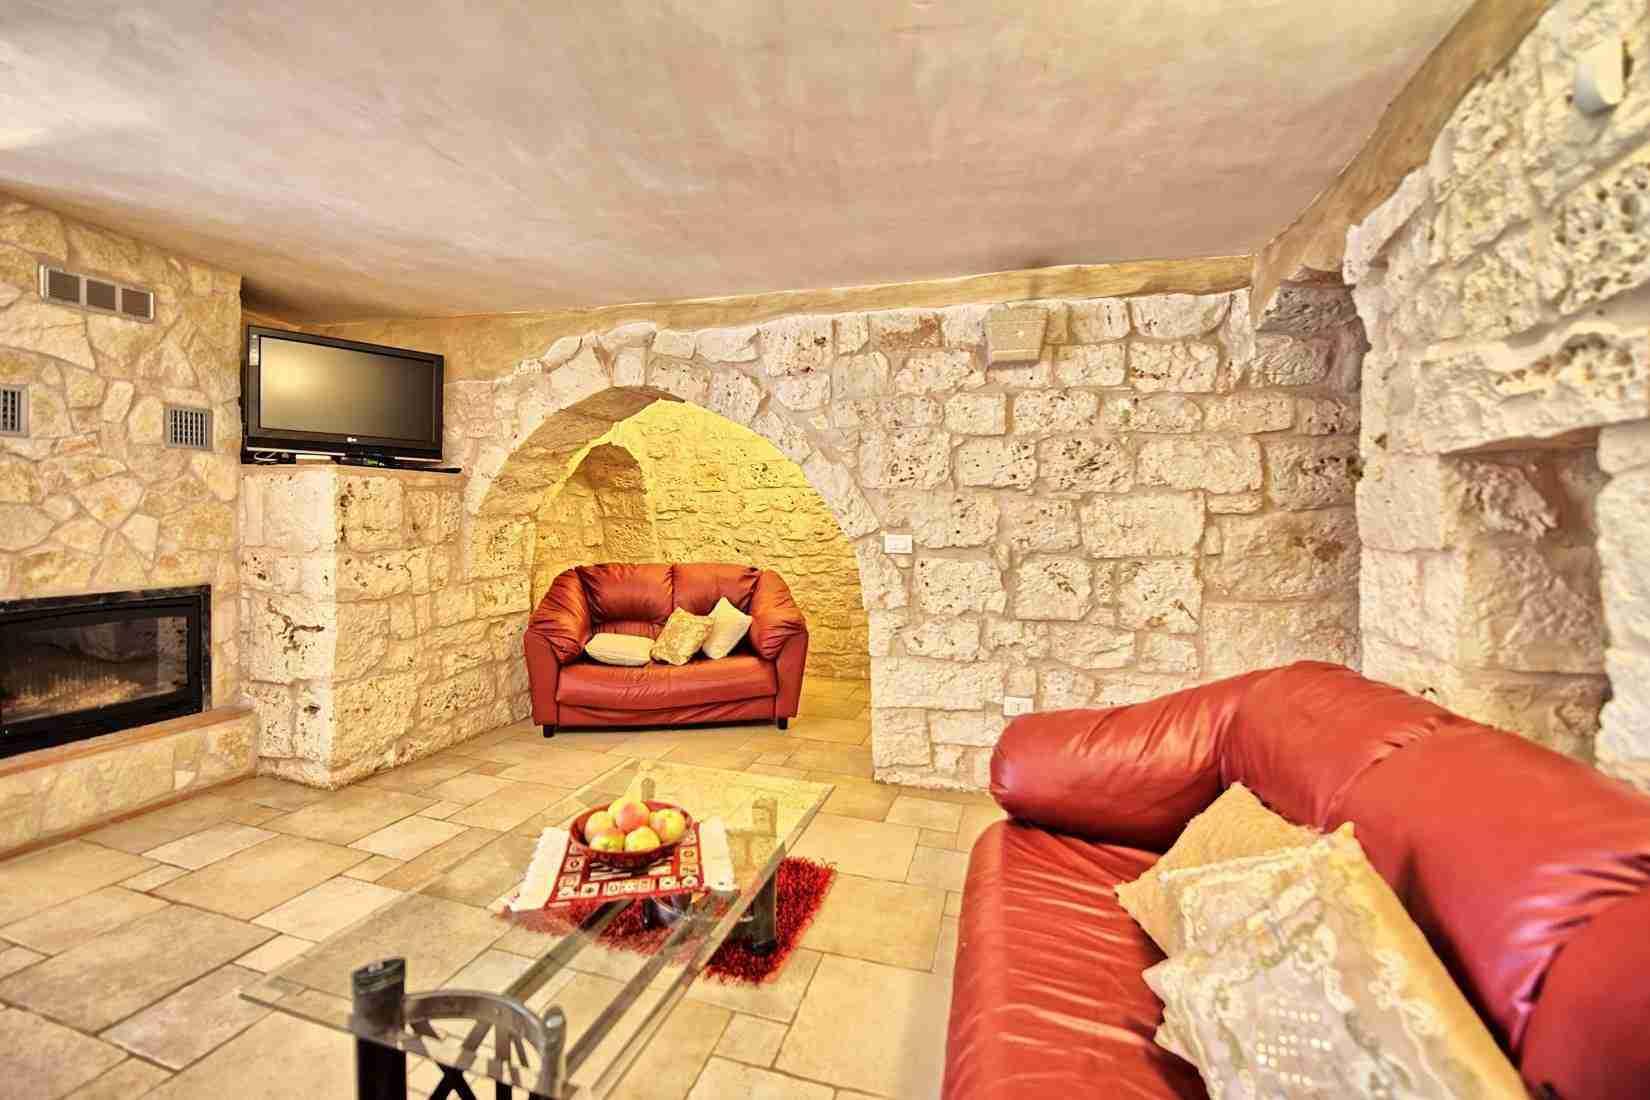 14 Sisin living room